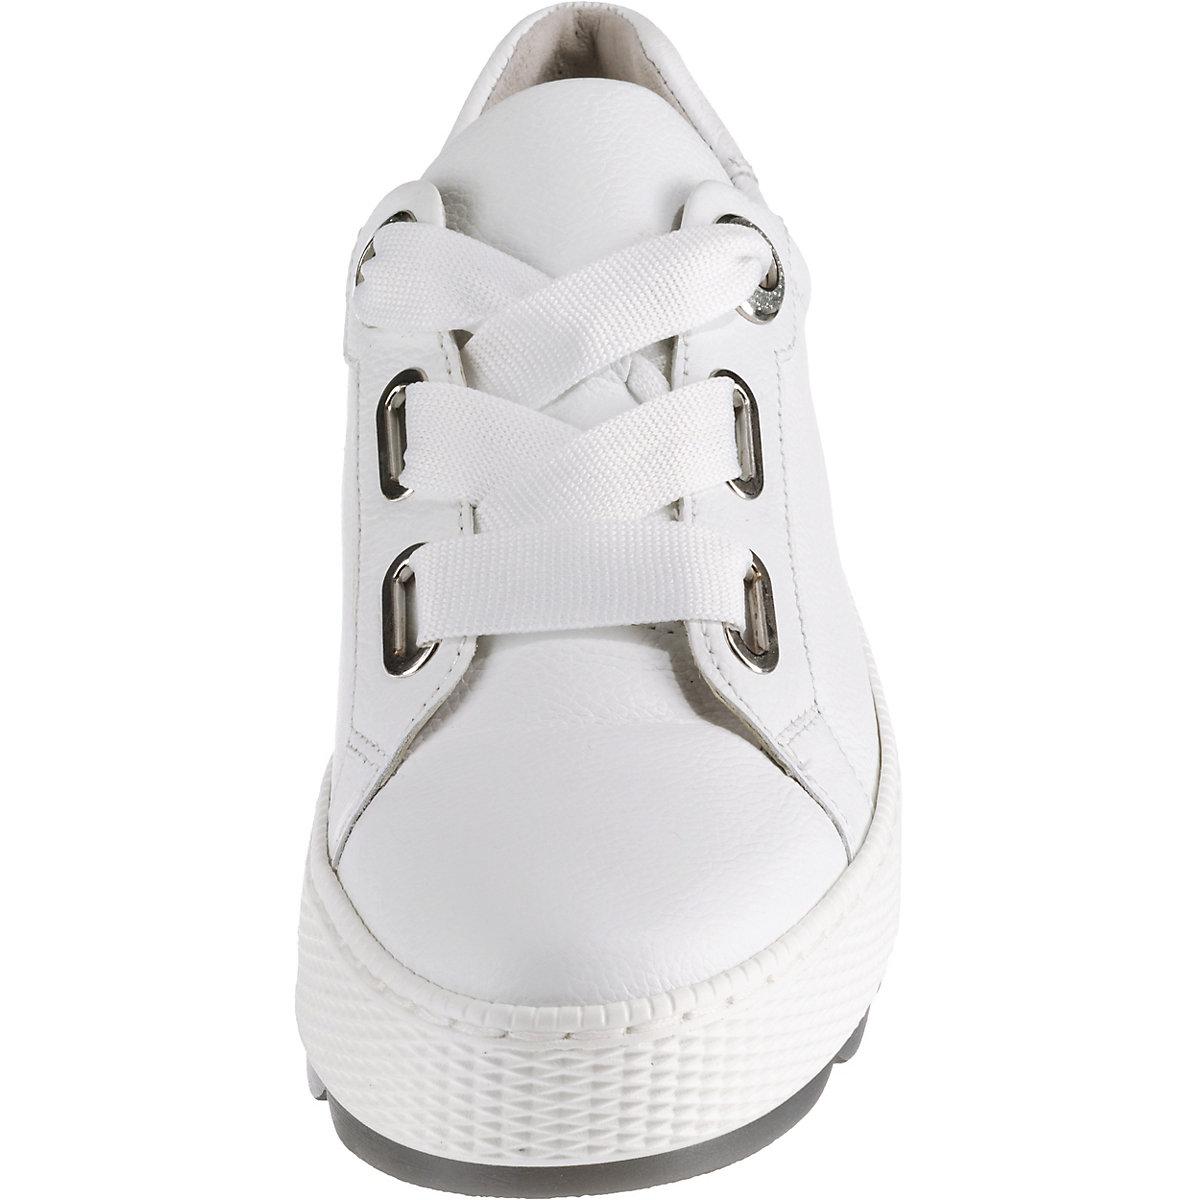 Gabor, Sneakers Low, Weiß